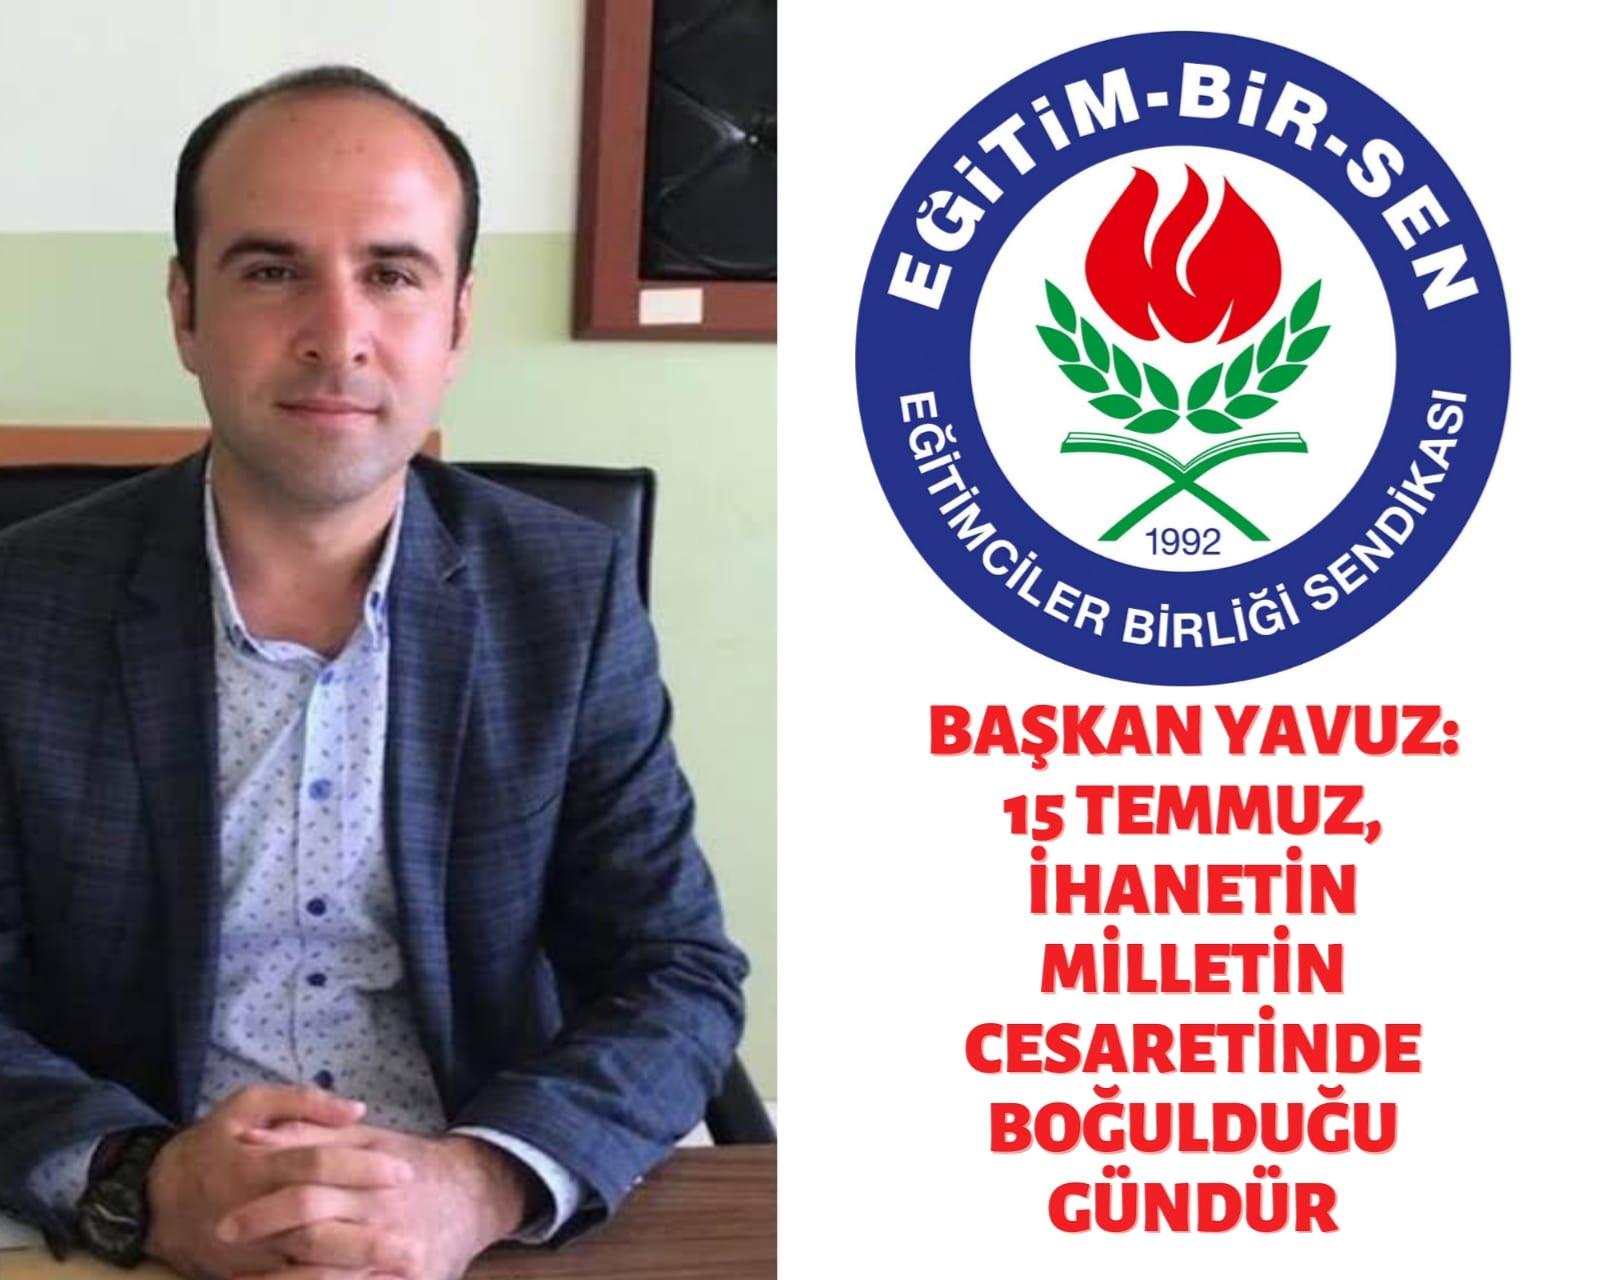 Eğitim-Bir-Sen Başkanı Yavuz: 15 Temmuz, ihanetin milletin cesaretinde boğulduğu gündür